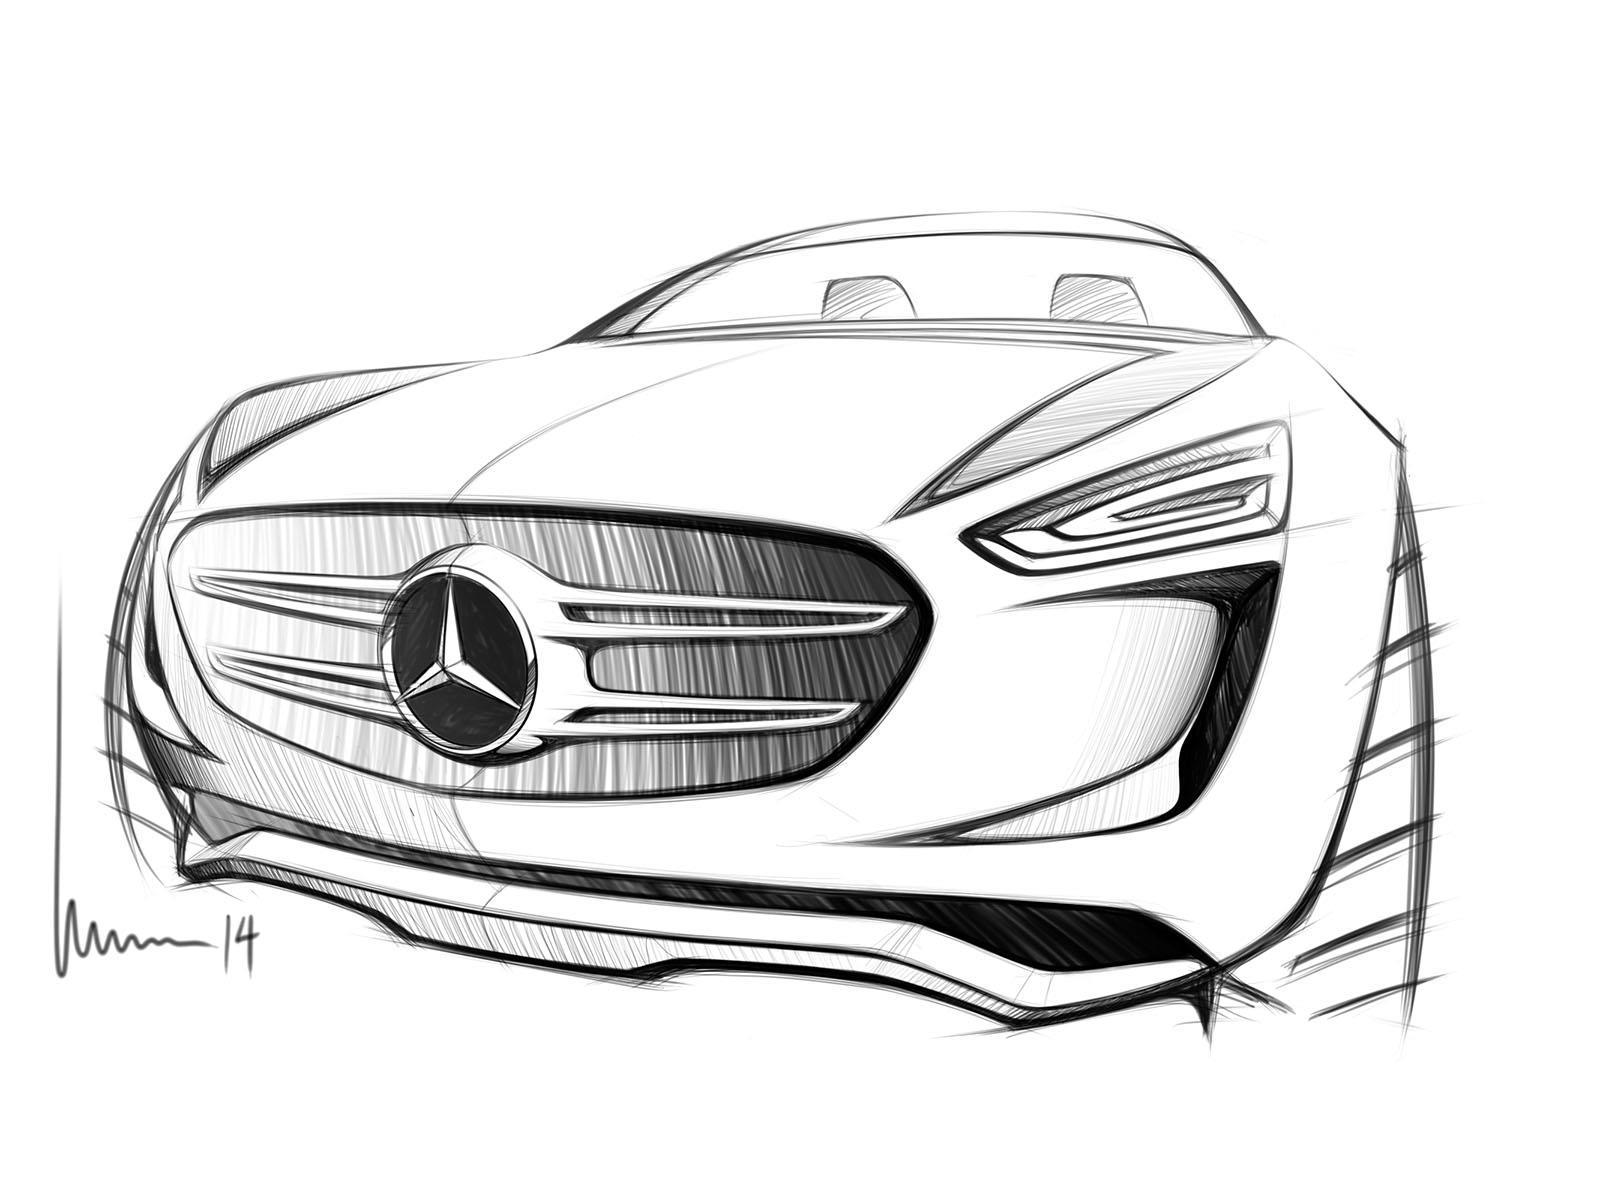 Mercedes benz vision g code un mega panel solar for Mercedes benz bluetooth code